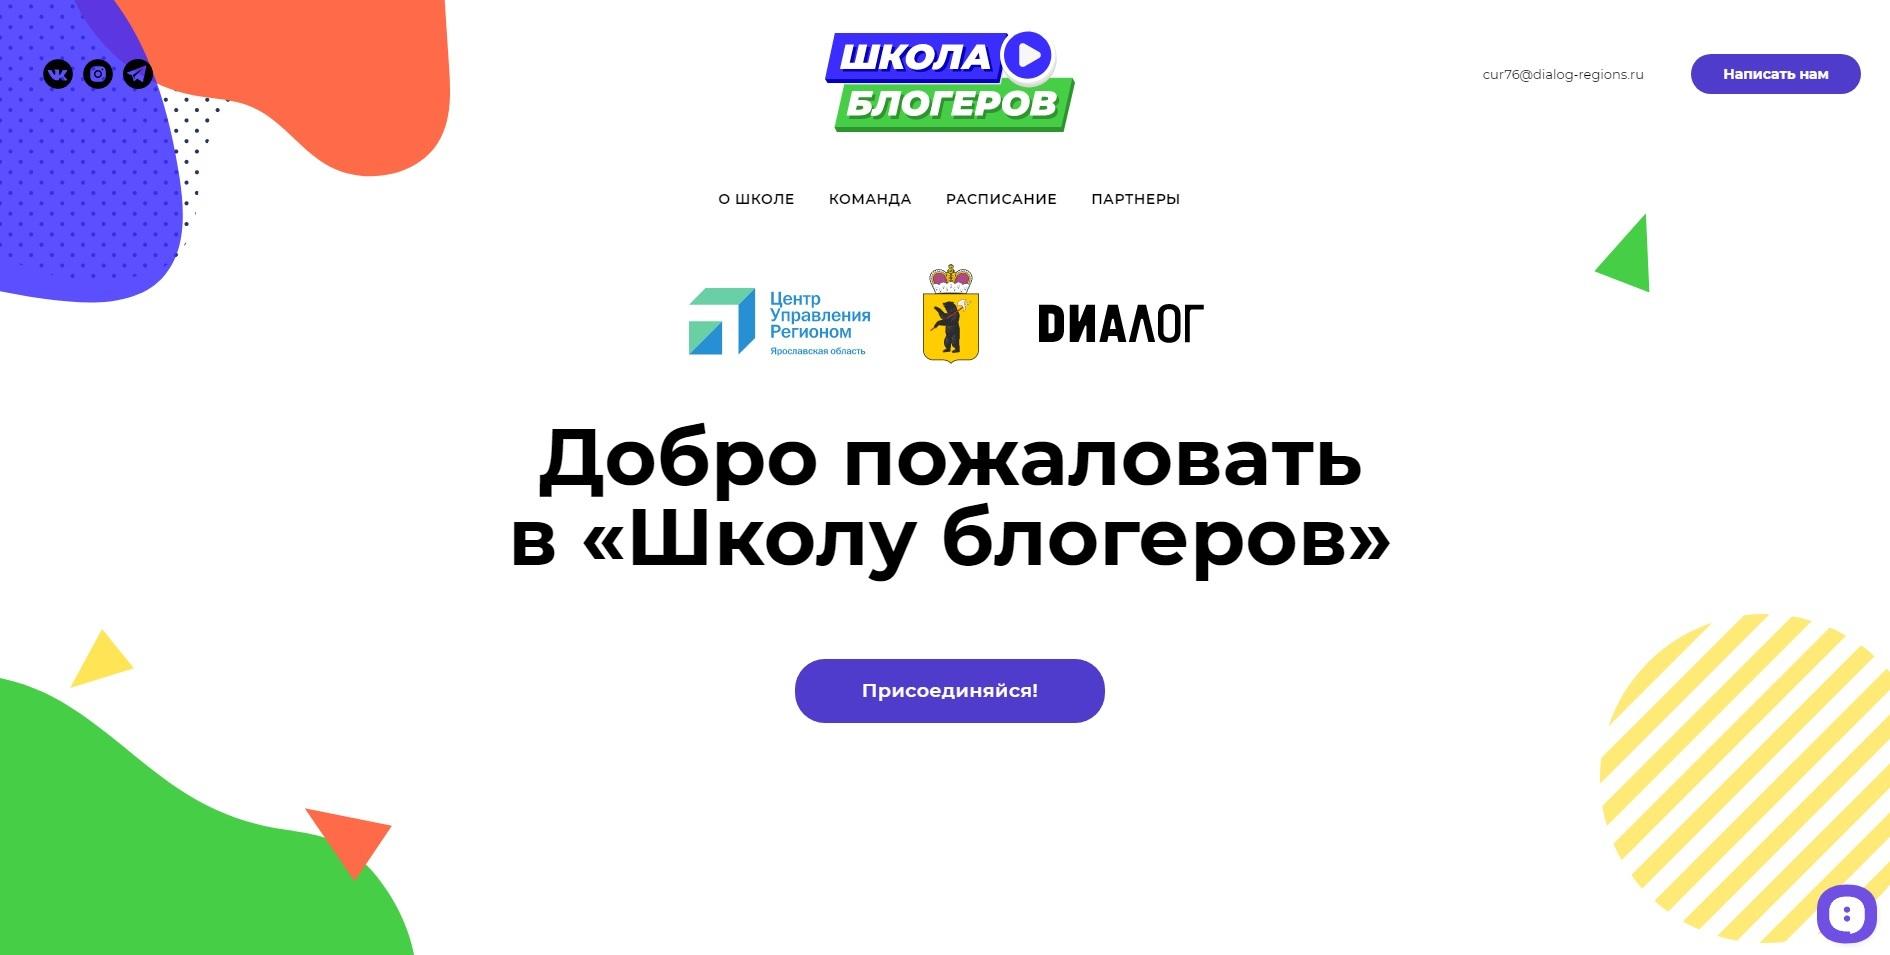 Жители Ярославской области могут записаться в «Школу блогеров»